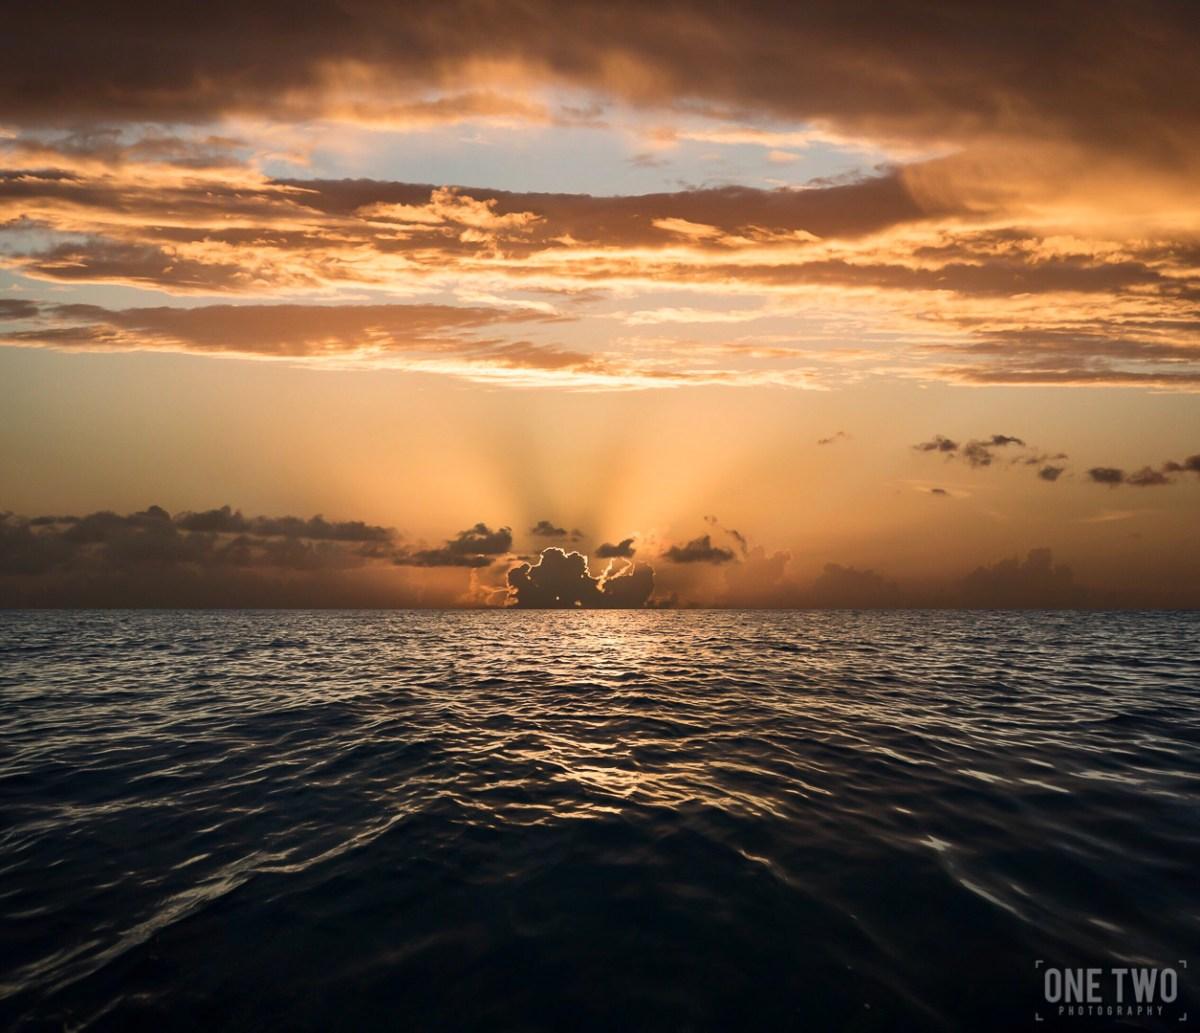 barbados ocean sunset